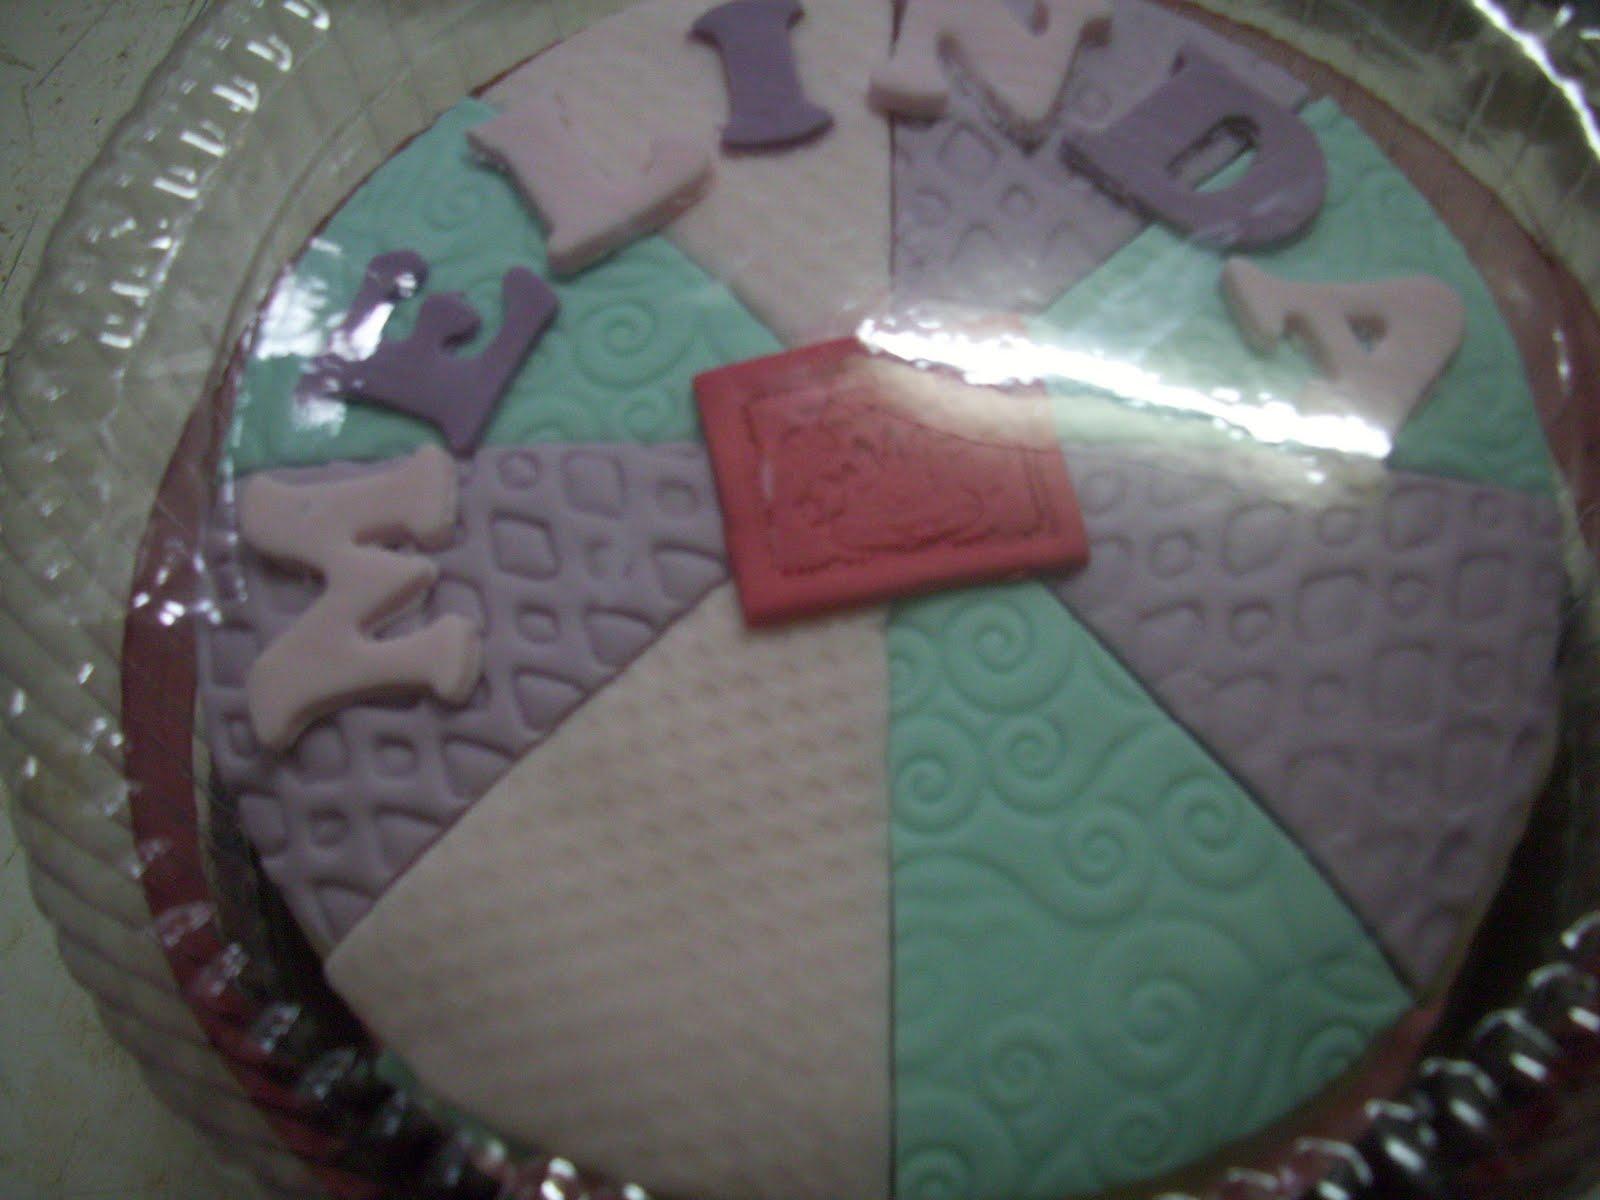 Tasikmalaya Lacocosresto Amp Bakery Kue Ulang Tahun Untuk Melinda